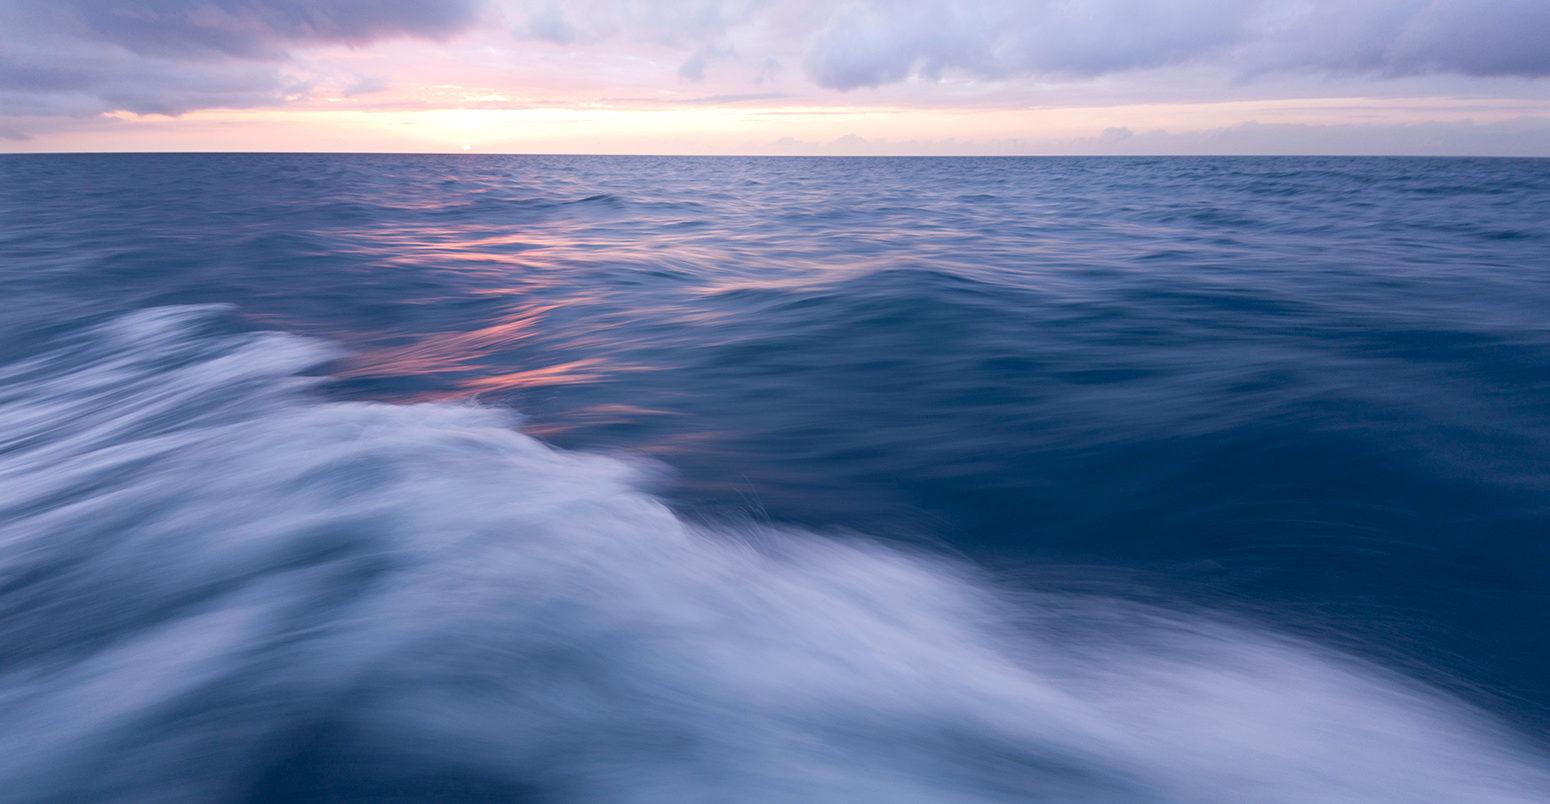 Atlantic Ocean Waterways